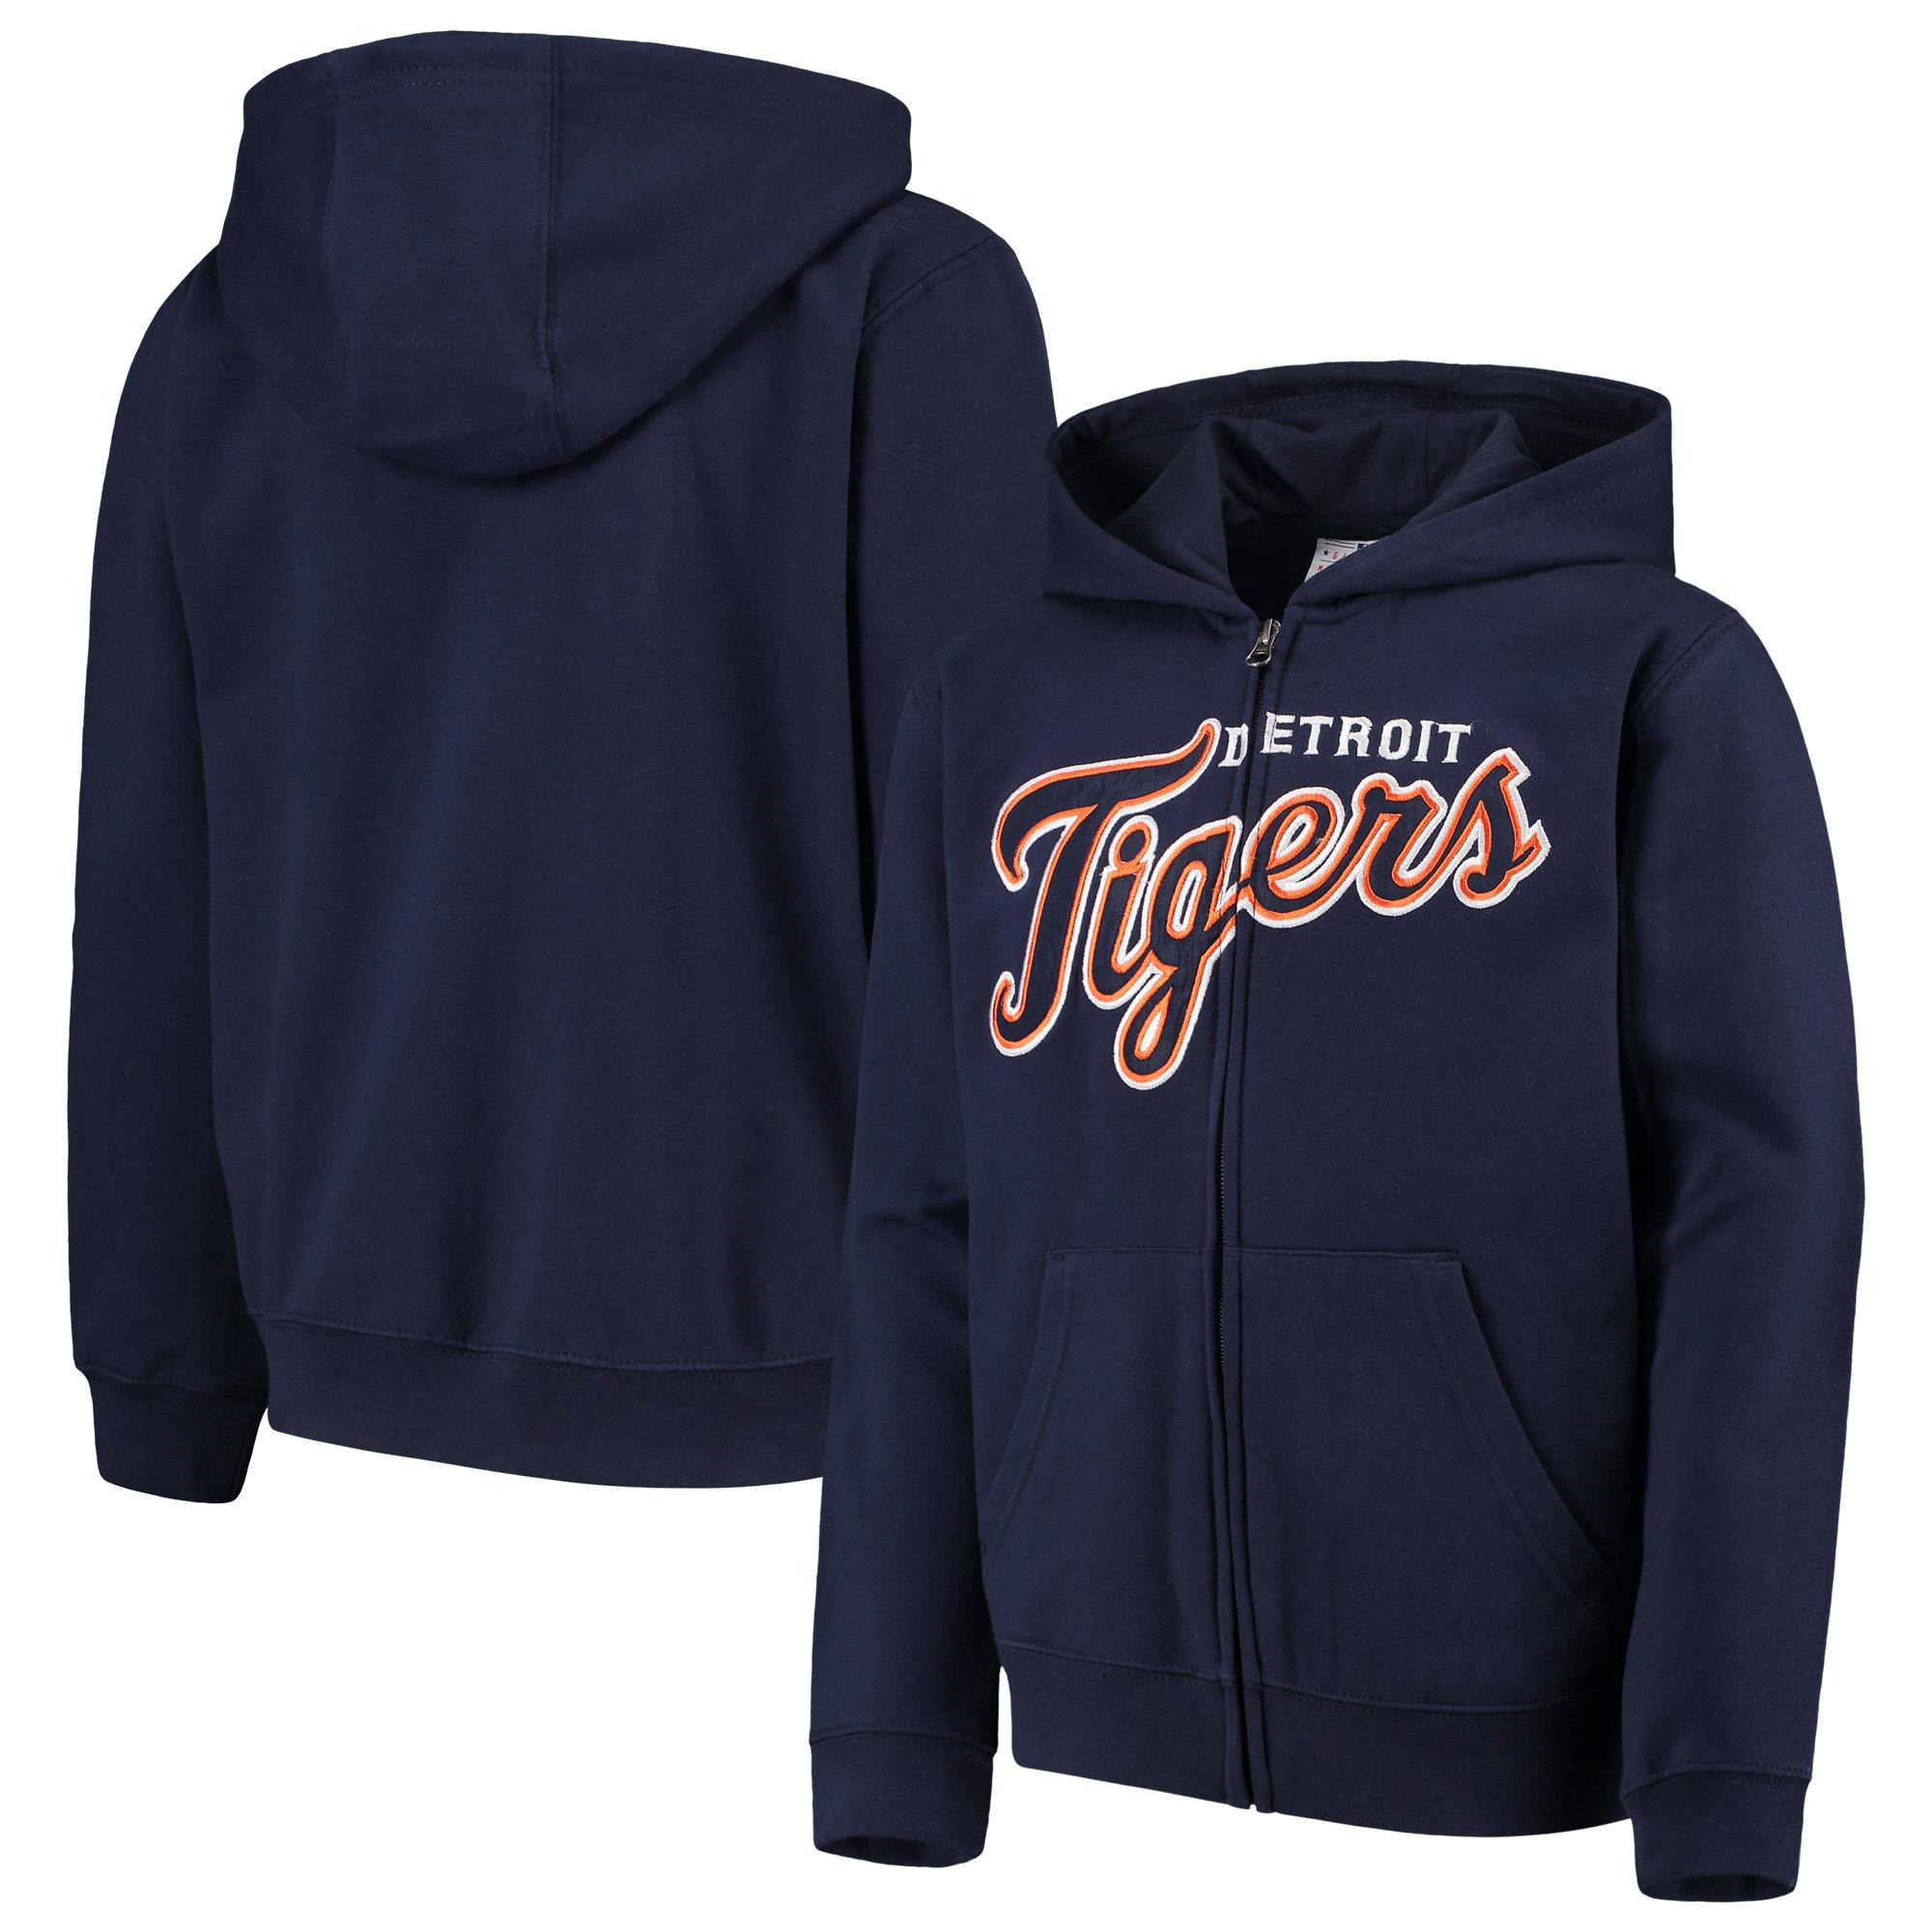 Detroit Tigers Youth Team Color Wordmark Full-Zip Hoodie - Navy